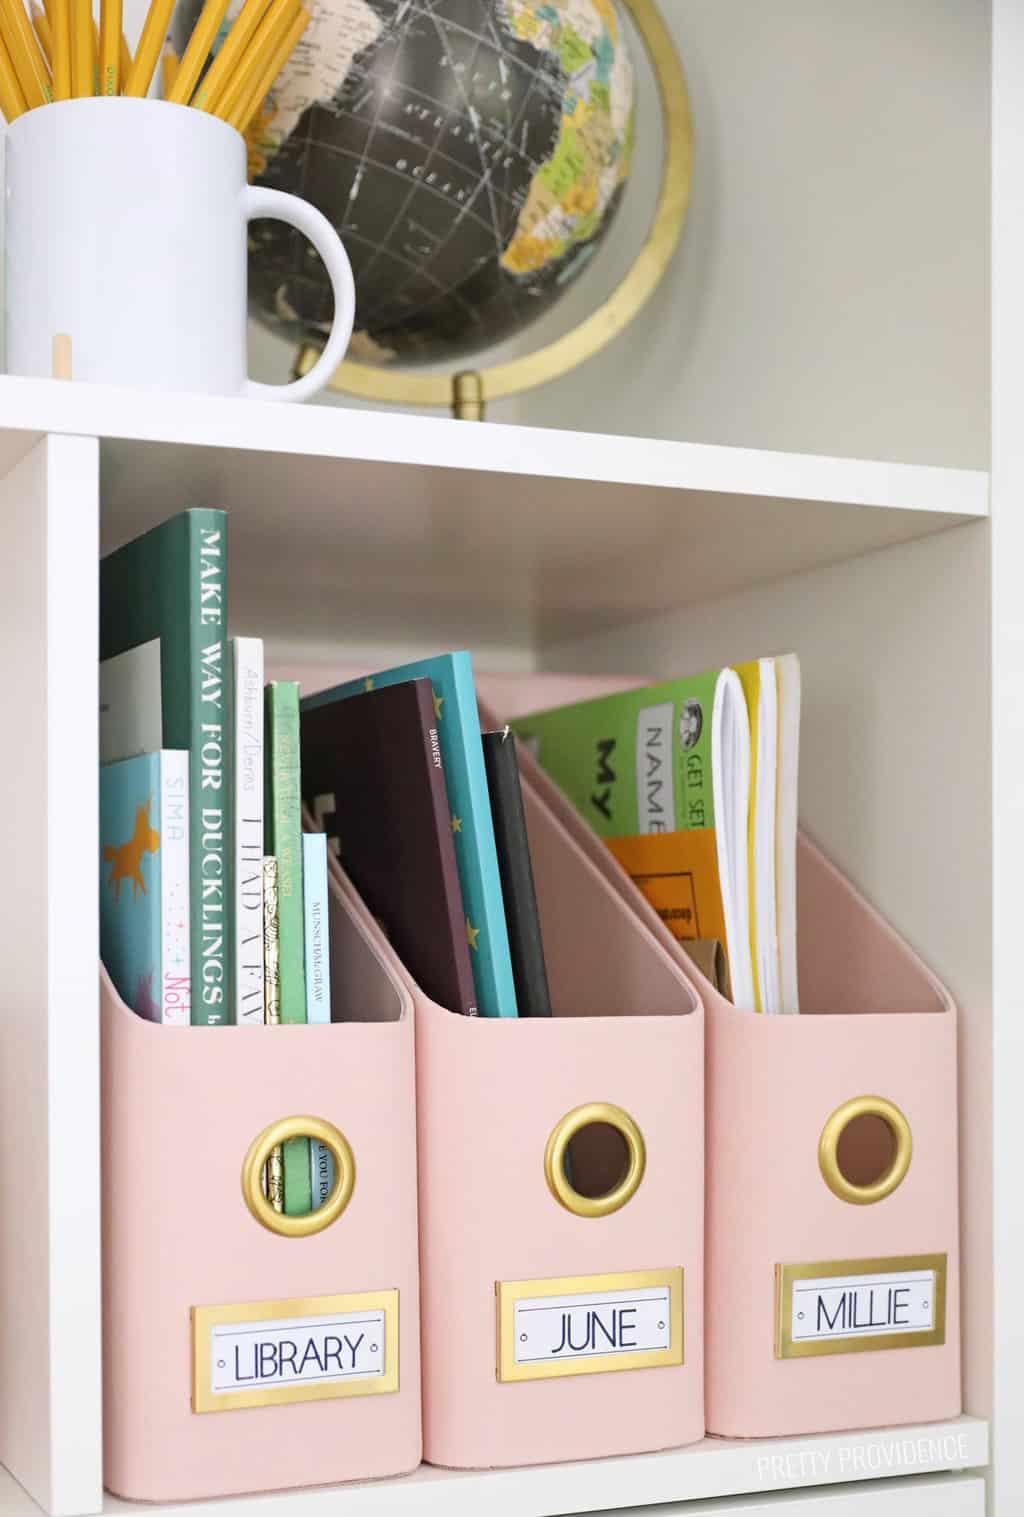 Dossiers de magazine roses avec des étiquettes dessus pour les livres de bibliothèque, les devoirs et les cahiers d'exercices